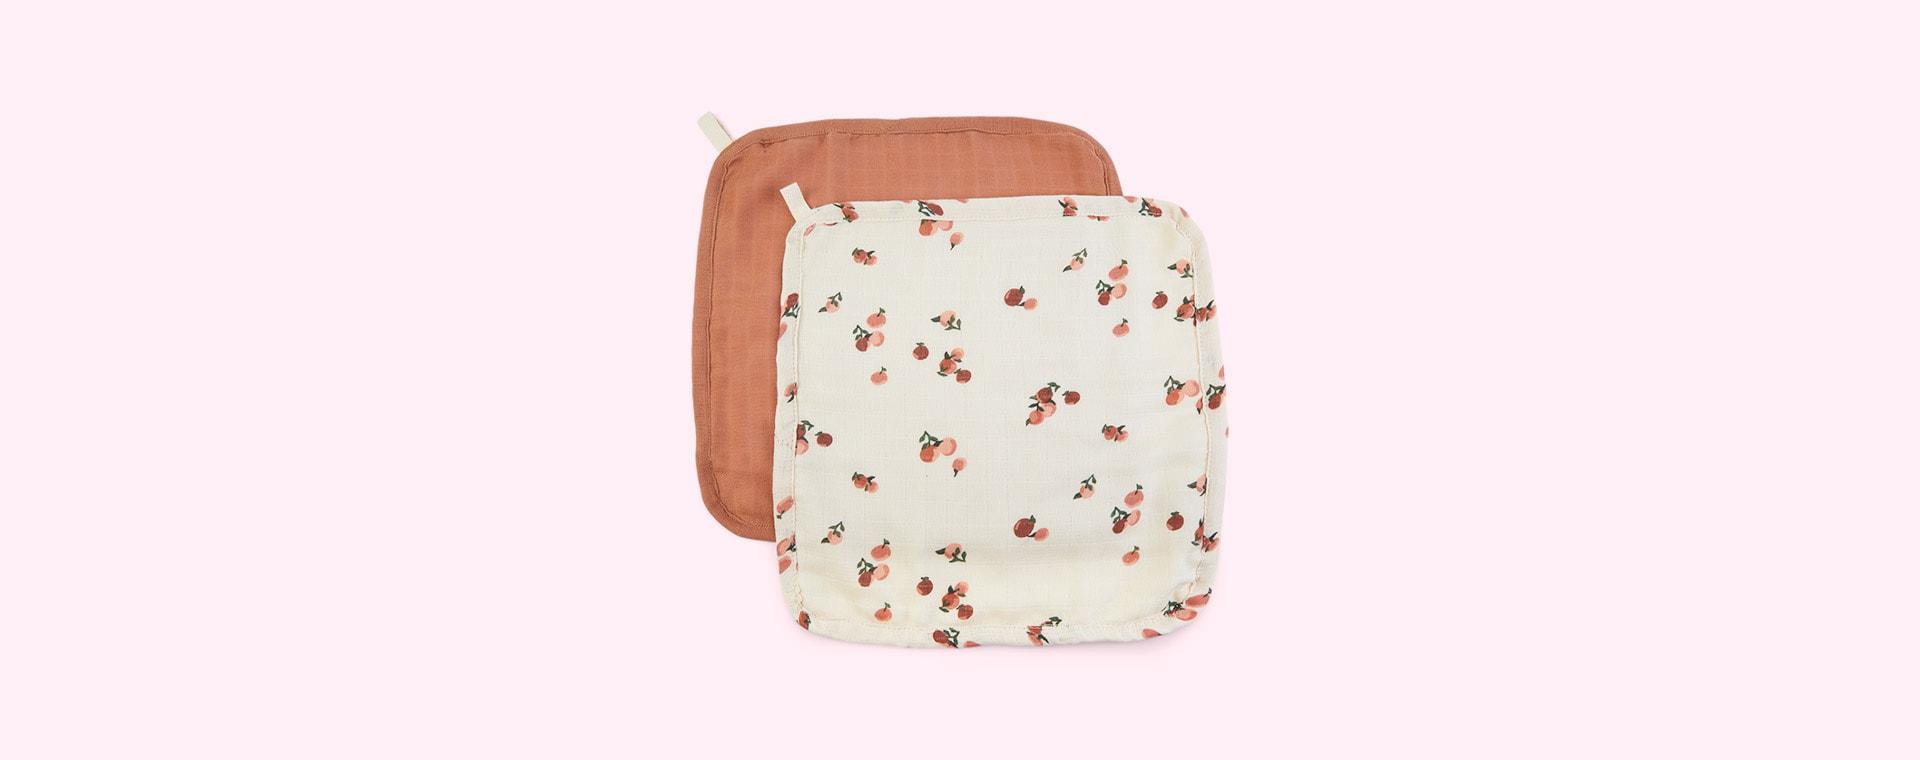 Peaches Avery Row 2-Pack Muslin Washcloths